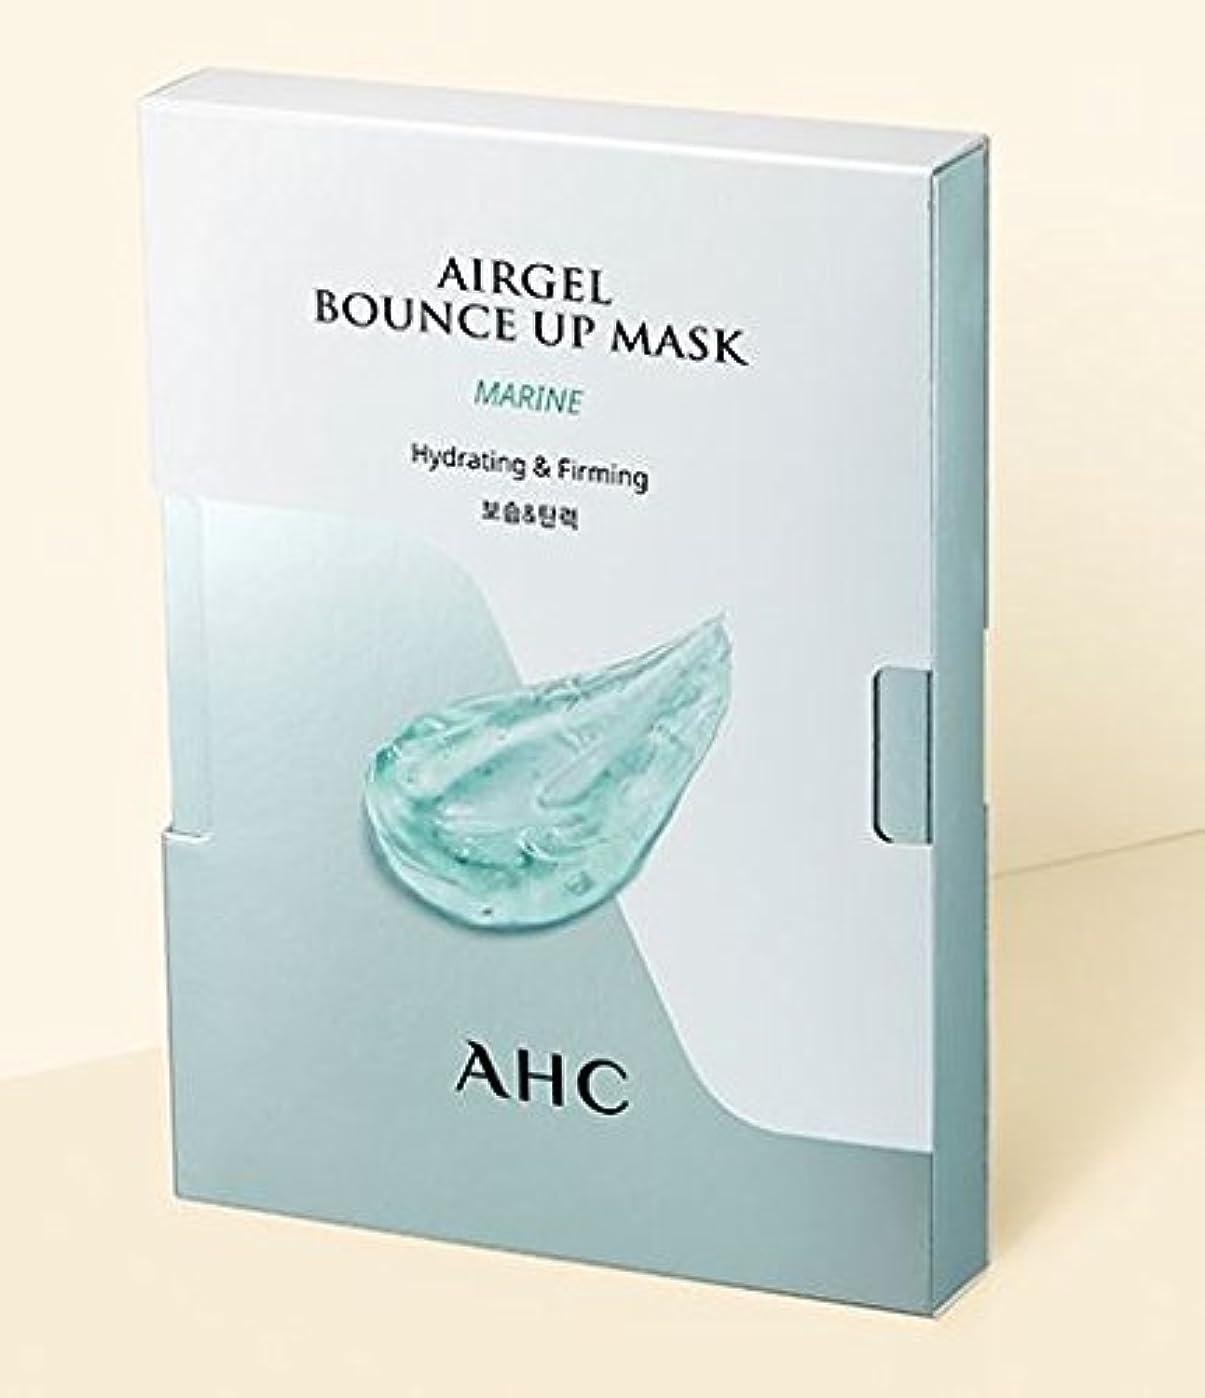 神の発揮する争う[A.H.C] Airgel Bounce Up Mask MARINE (Hydrating&Firming)30g*5sheet/マリンエアゲルマスク30g*5枚 [並行輸入品]